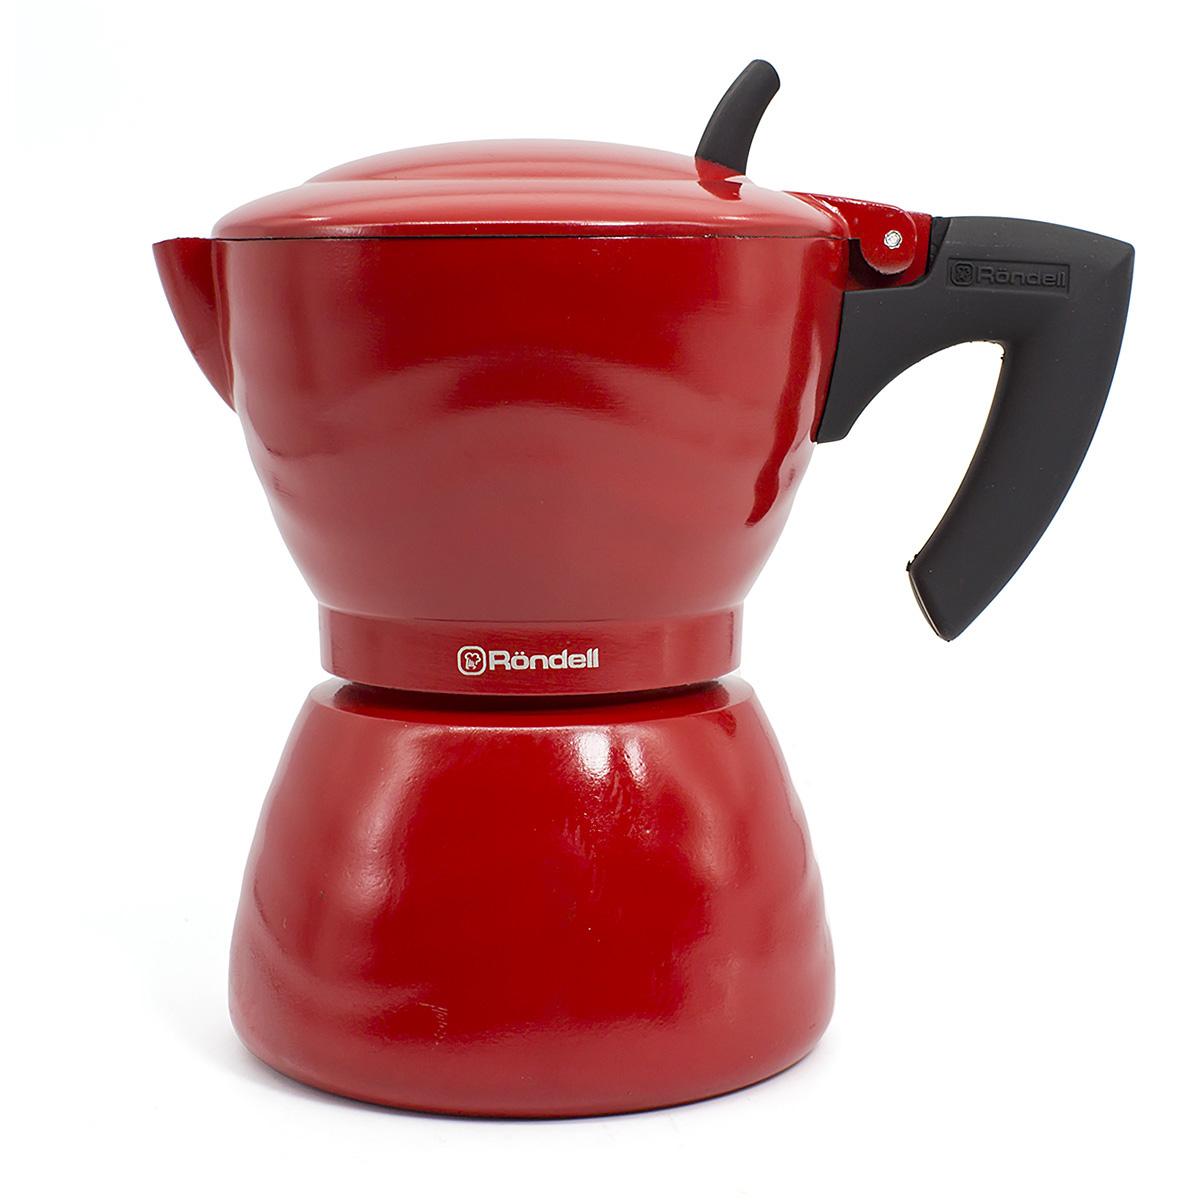 цена Гейзерная кофеварка Rondell RDA-844, Fiero онлайн в 2017 году